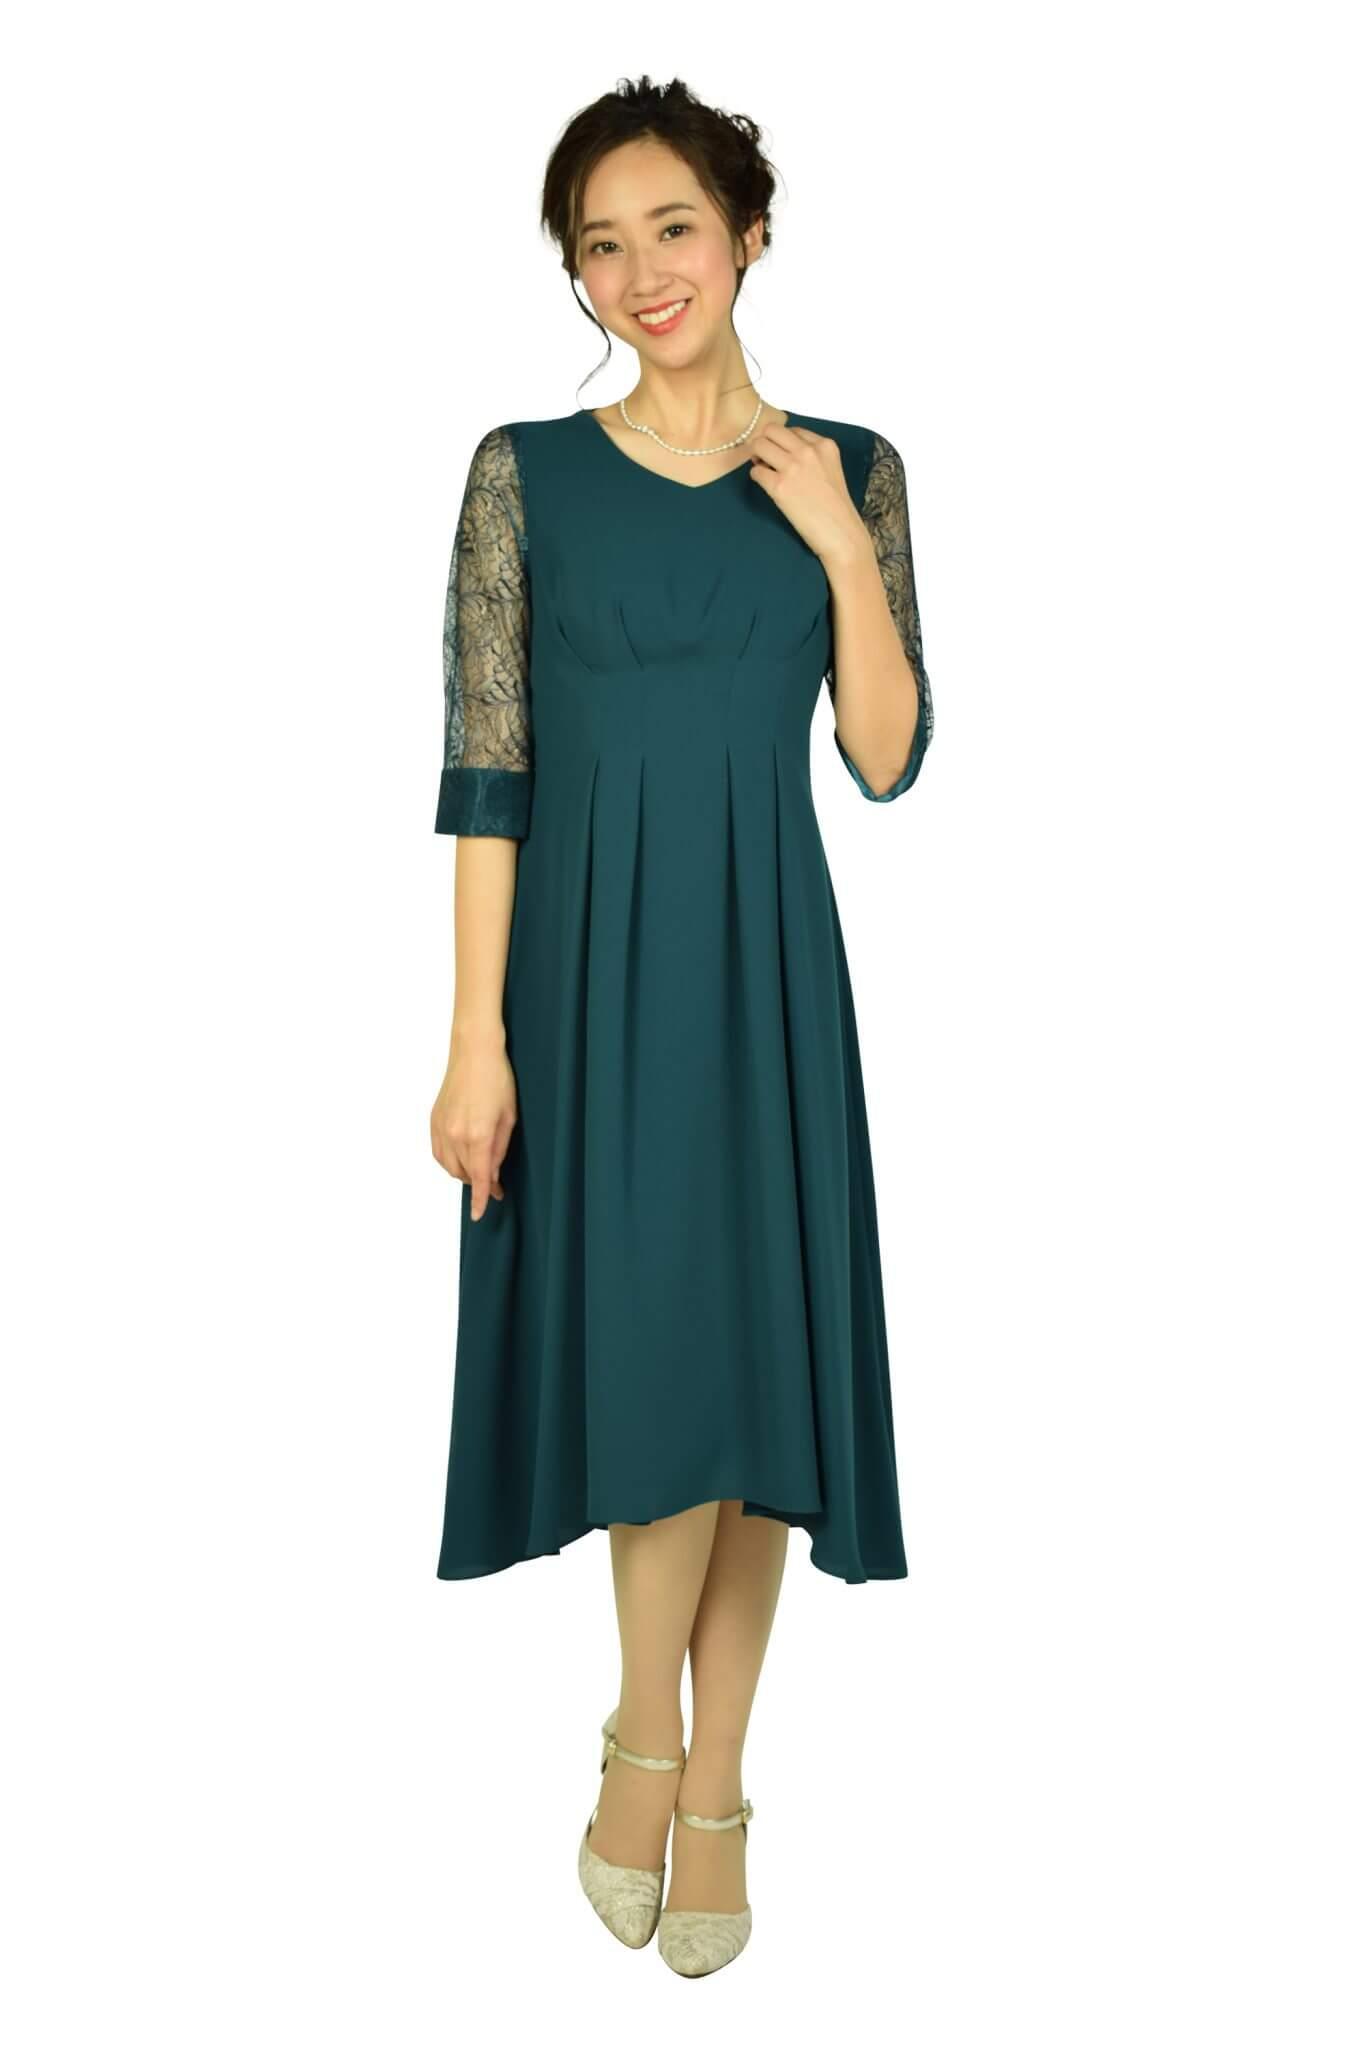 ドレス デコ (DRESS DECO)Vネック袖レースグリーンドレス